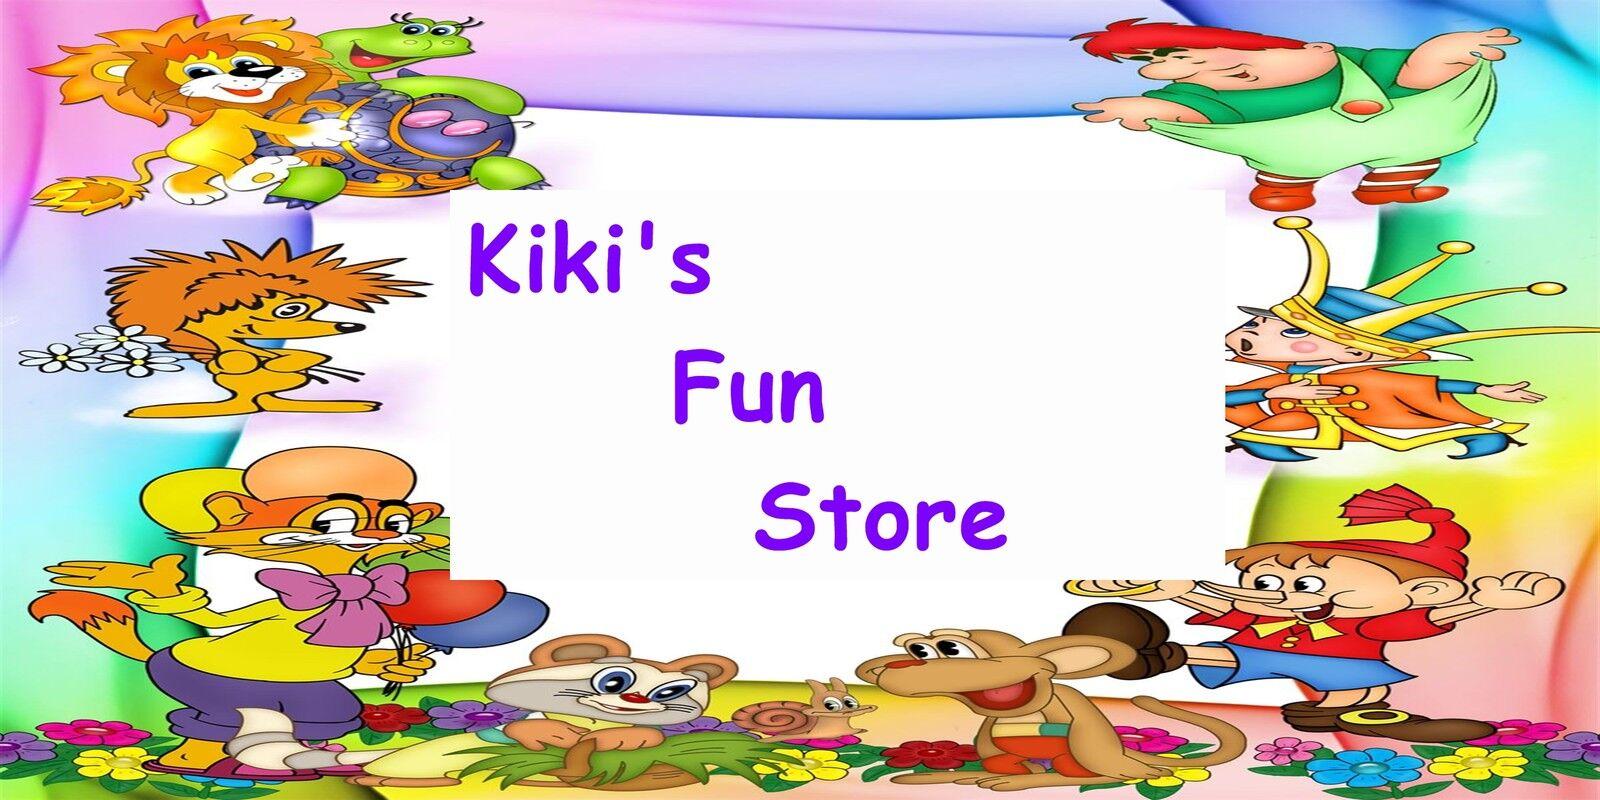 Kiki s Fun Store